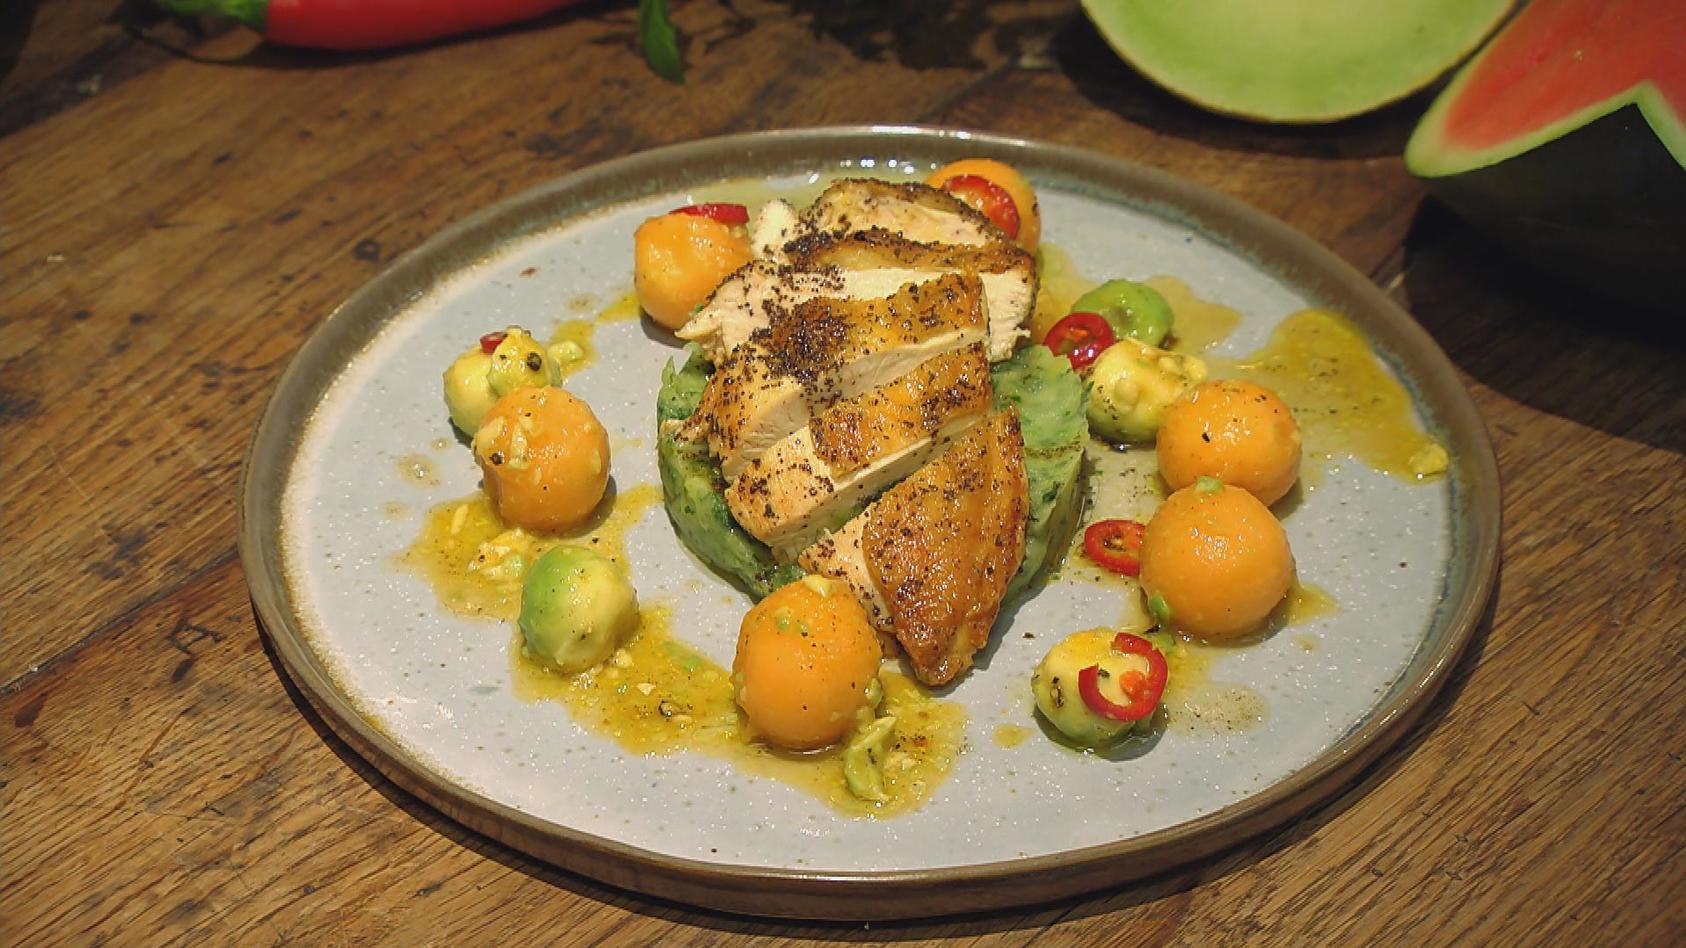 Herrlich Melonig – Exotische Frische in der Küche: Mohnhähnchen mit Avocado-Melonen-Kugeln und Spinat-Kartoffelstampf